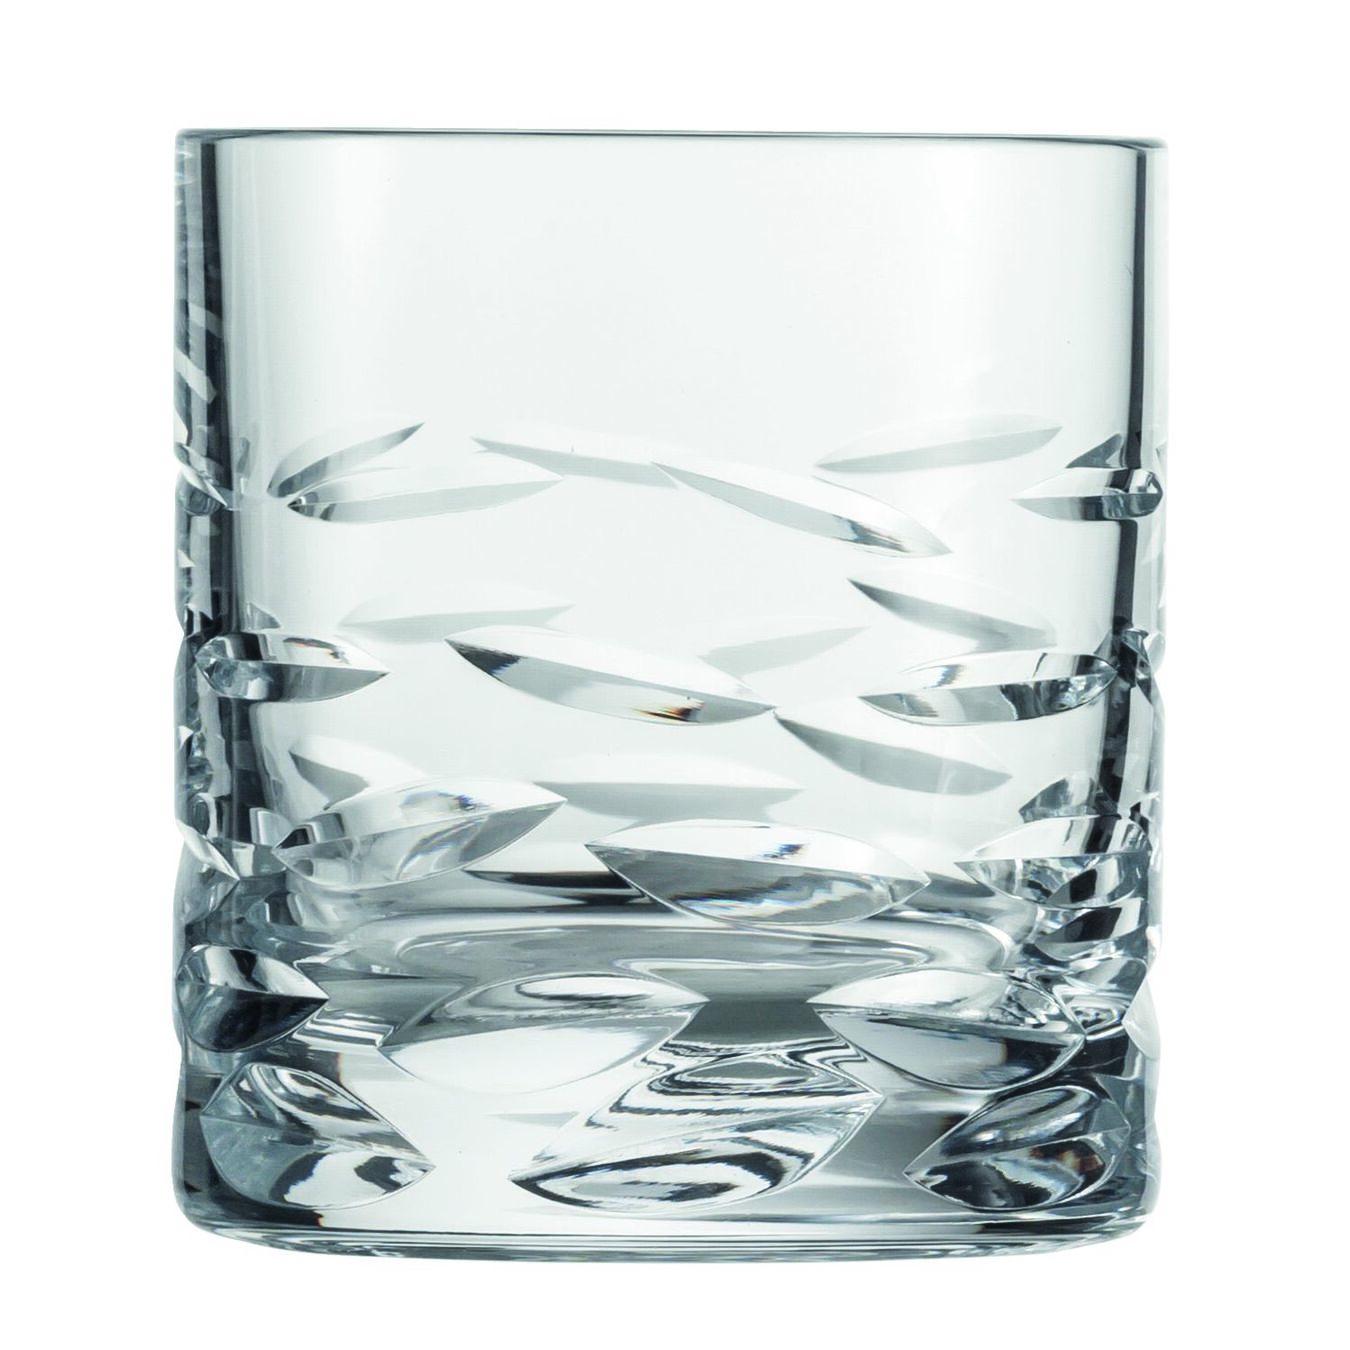 Viski Bardağı   360 ml,,large 1